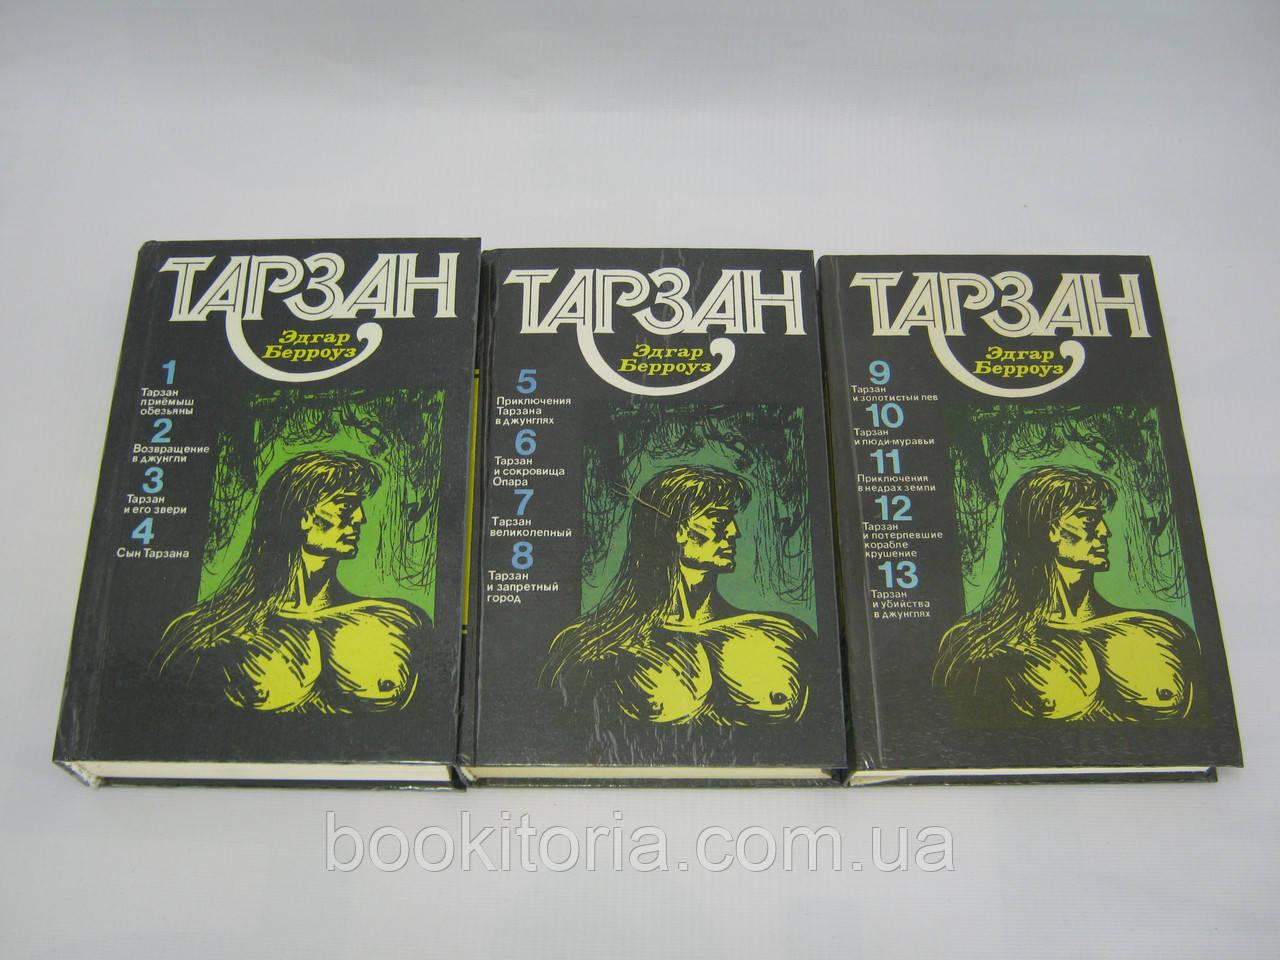 Берроуз Э. Тарзан. В двух томах (трех книгах) (б/у).